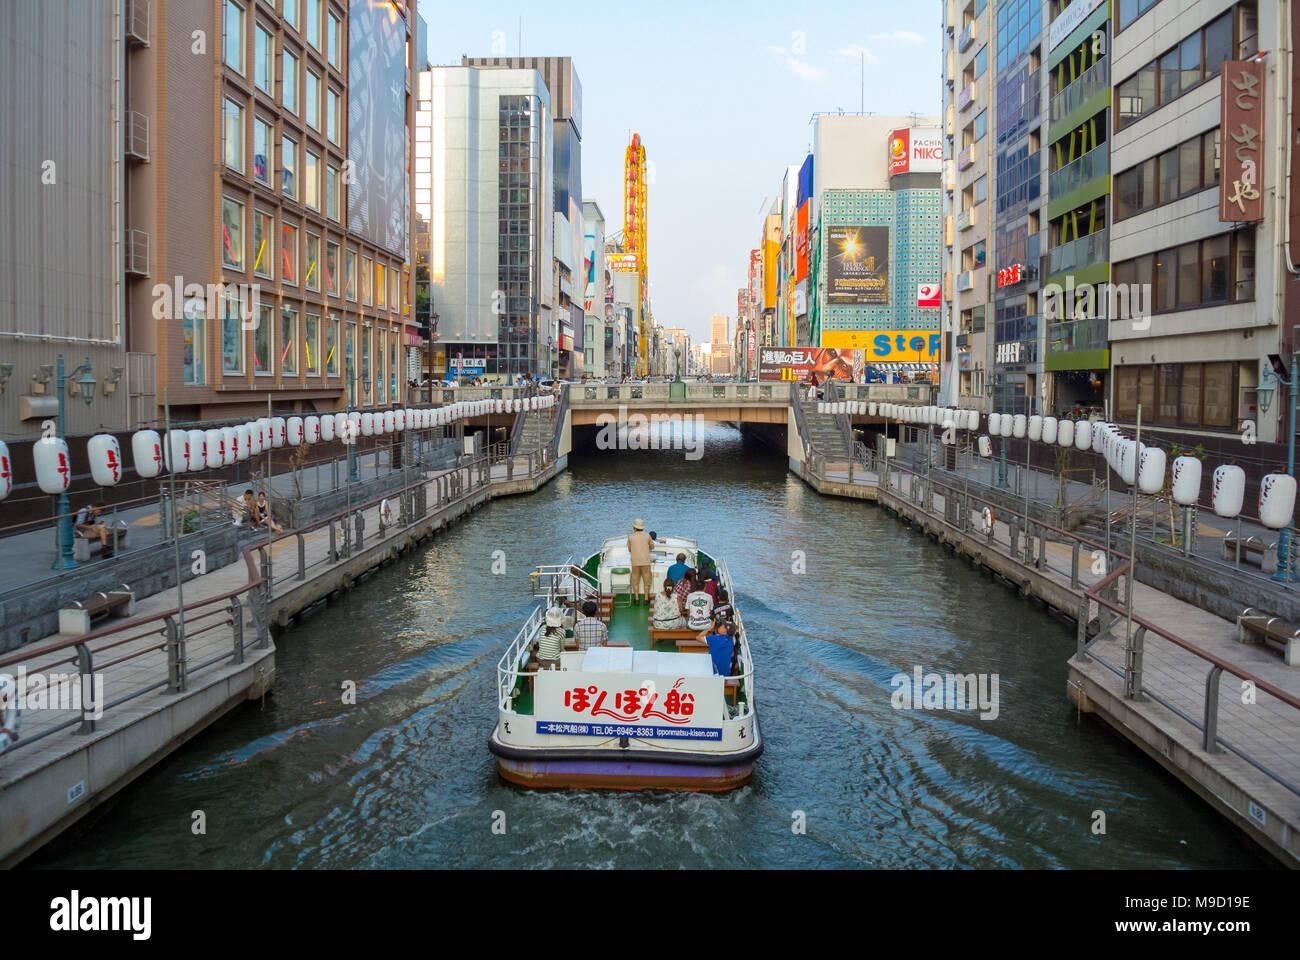 Turisti che si godono la crociera sul canal, Osaka, Giappone Immagini Stock